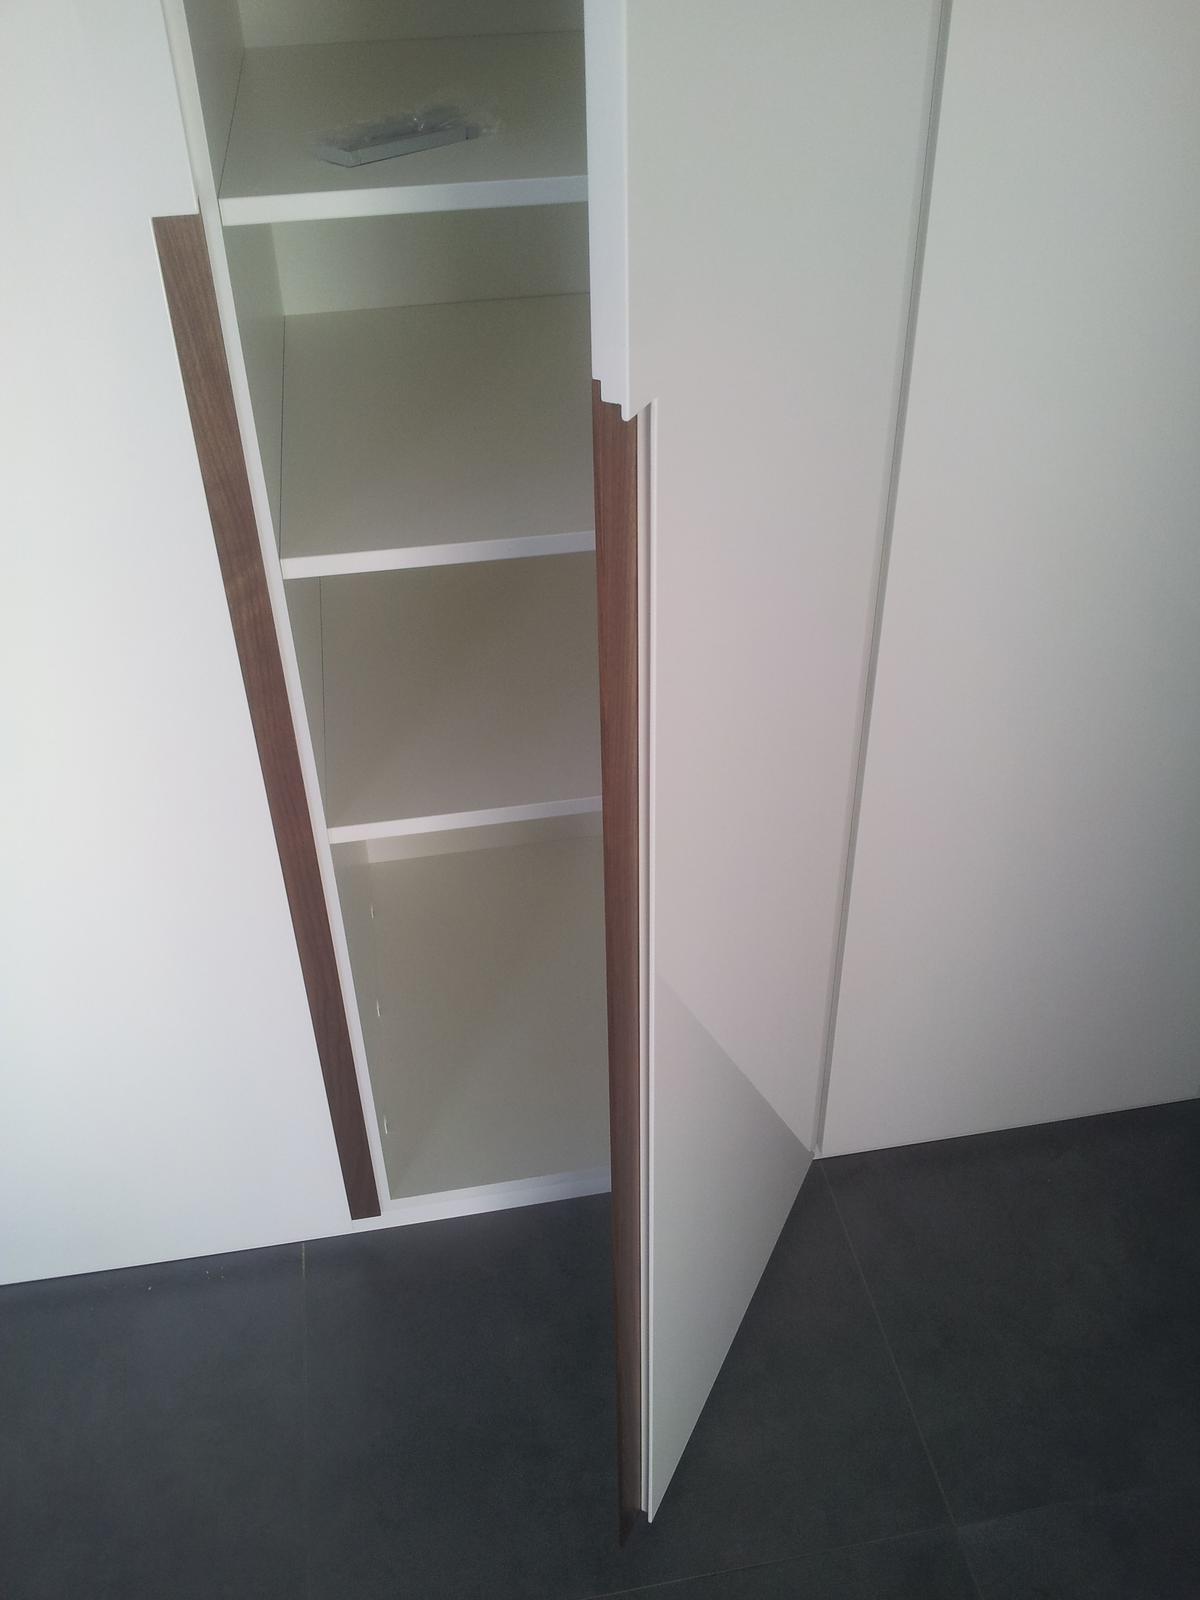 Dizajn a výroba nábytku na mieru Cubica - Vstavaný šatník s krídlovými dverami - mdf striekaná lesklá + úchytka americký orech - výroba cubica